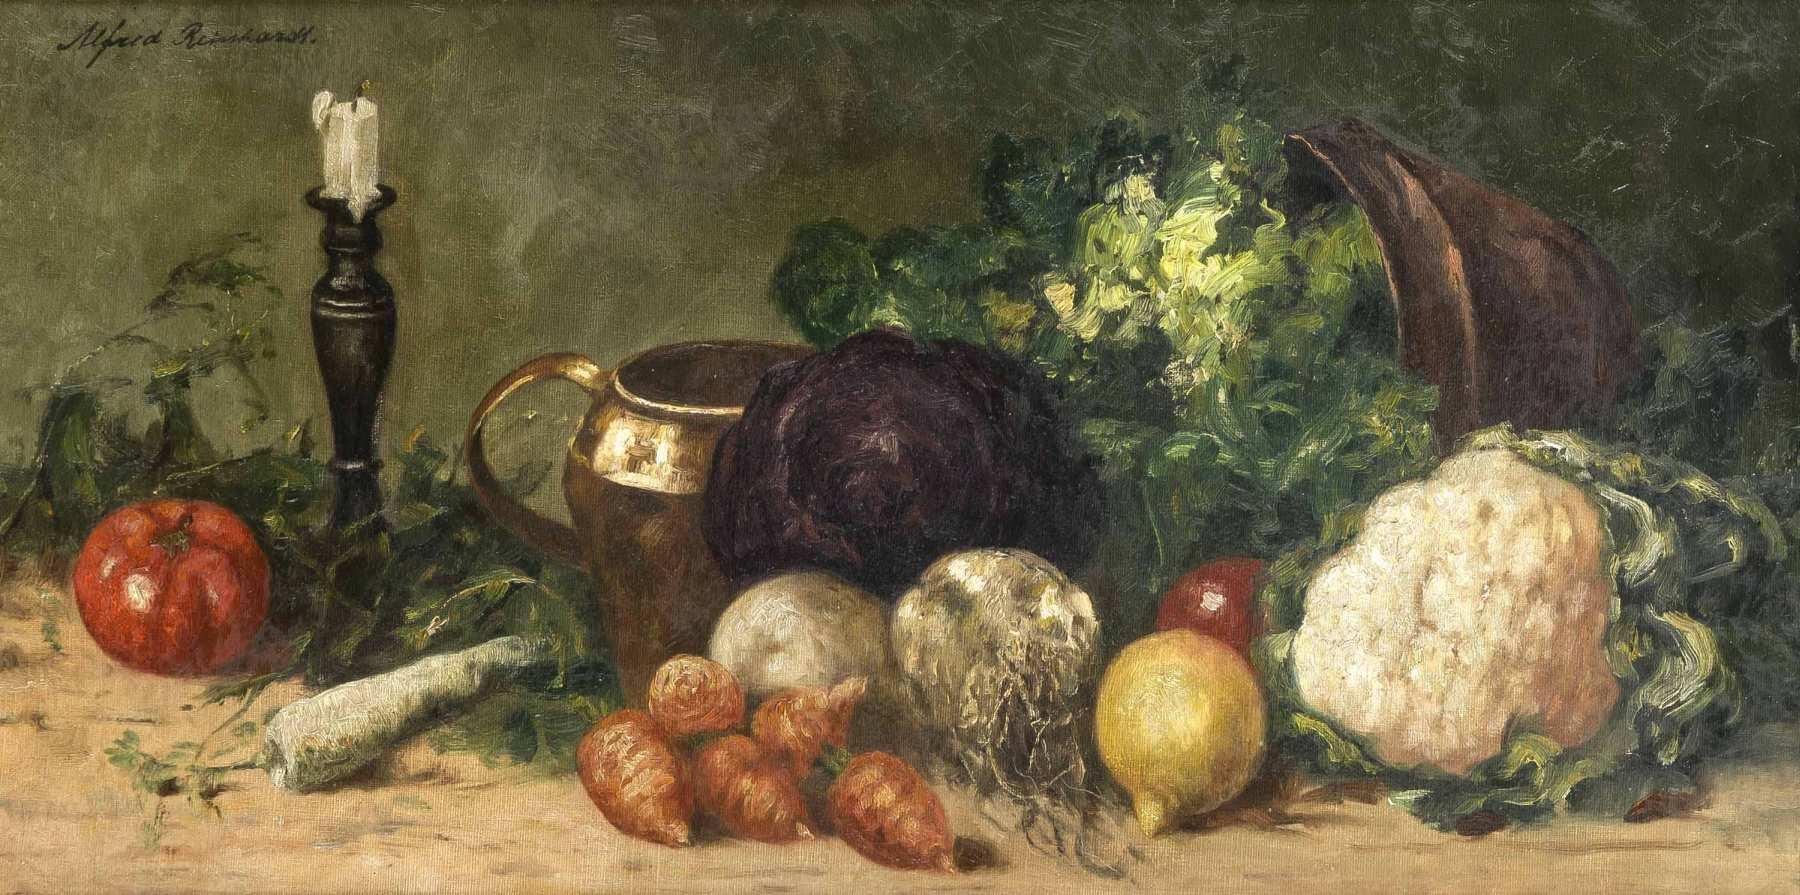 Alfred Reinhardt, dt. Maler 1. H. 20. Jh., Gemüse-Stillleben mit ...